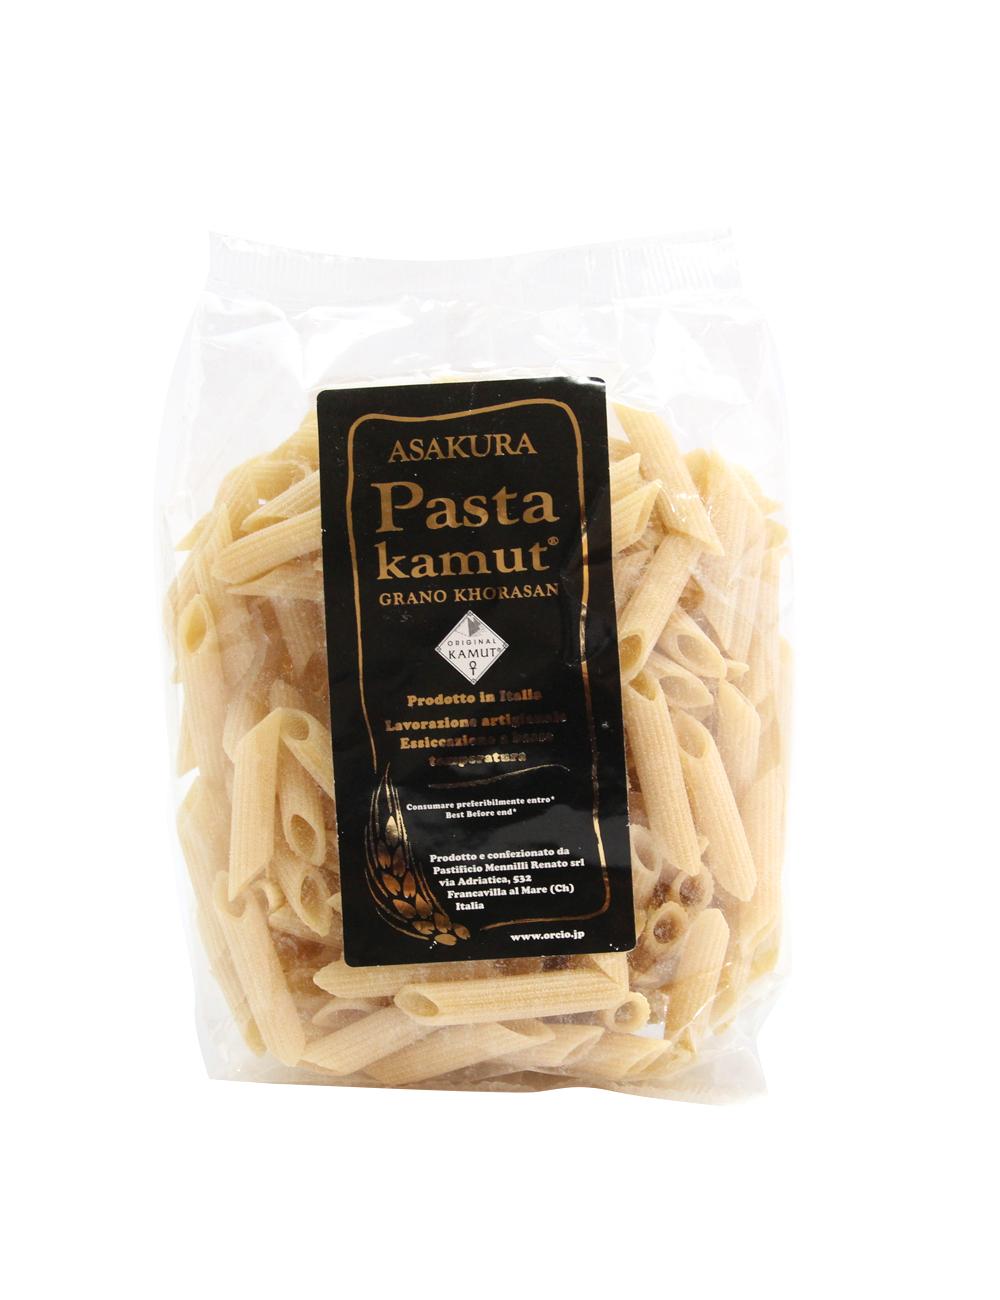 アサクラパスタ 古代小麦カムット(七分搗き)ペンネ